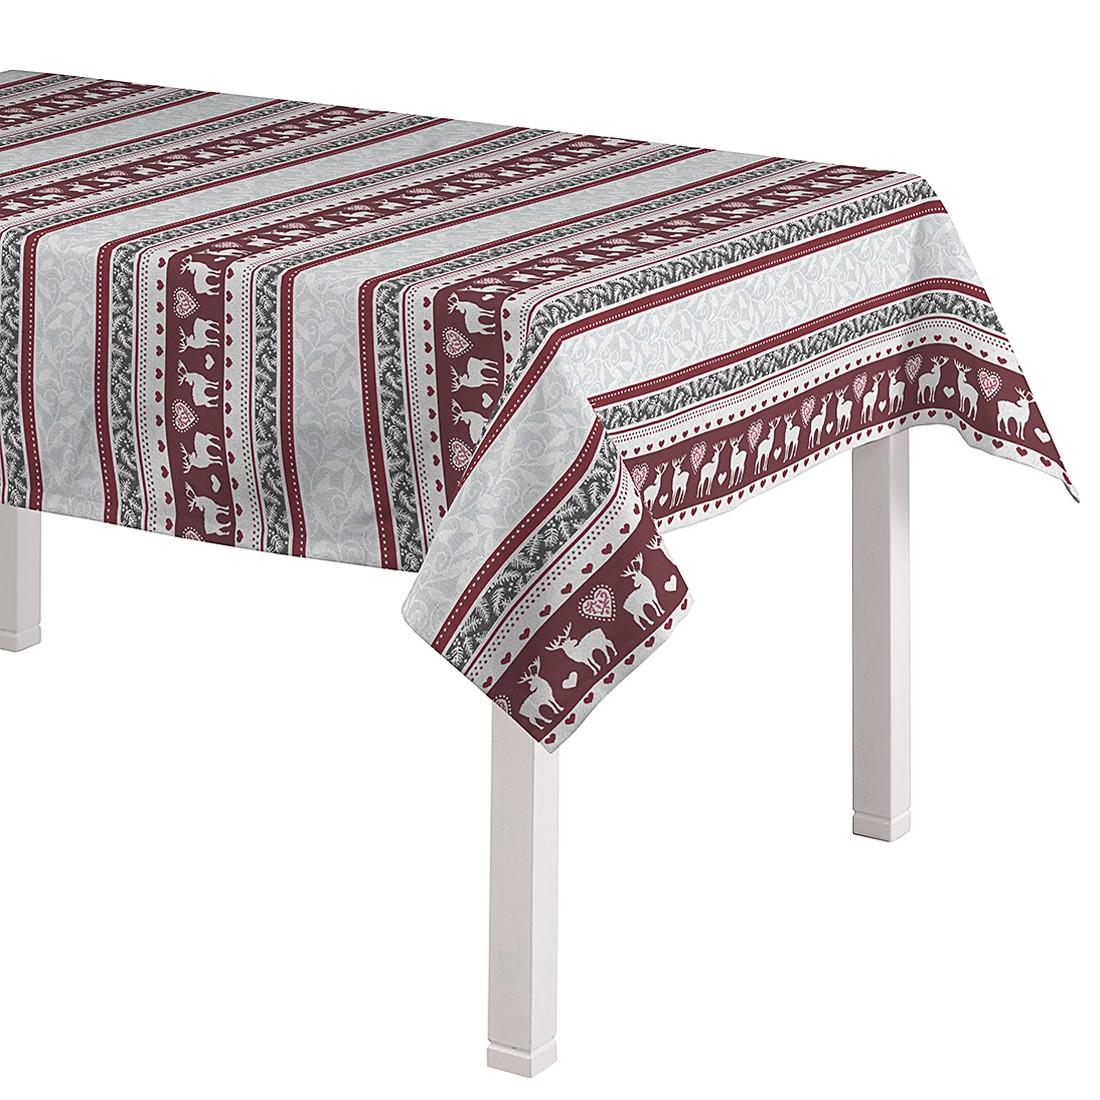 Tischdecke Rentiere – Grau / Rot – 130 x 210 cm, Dekoria bestellen